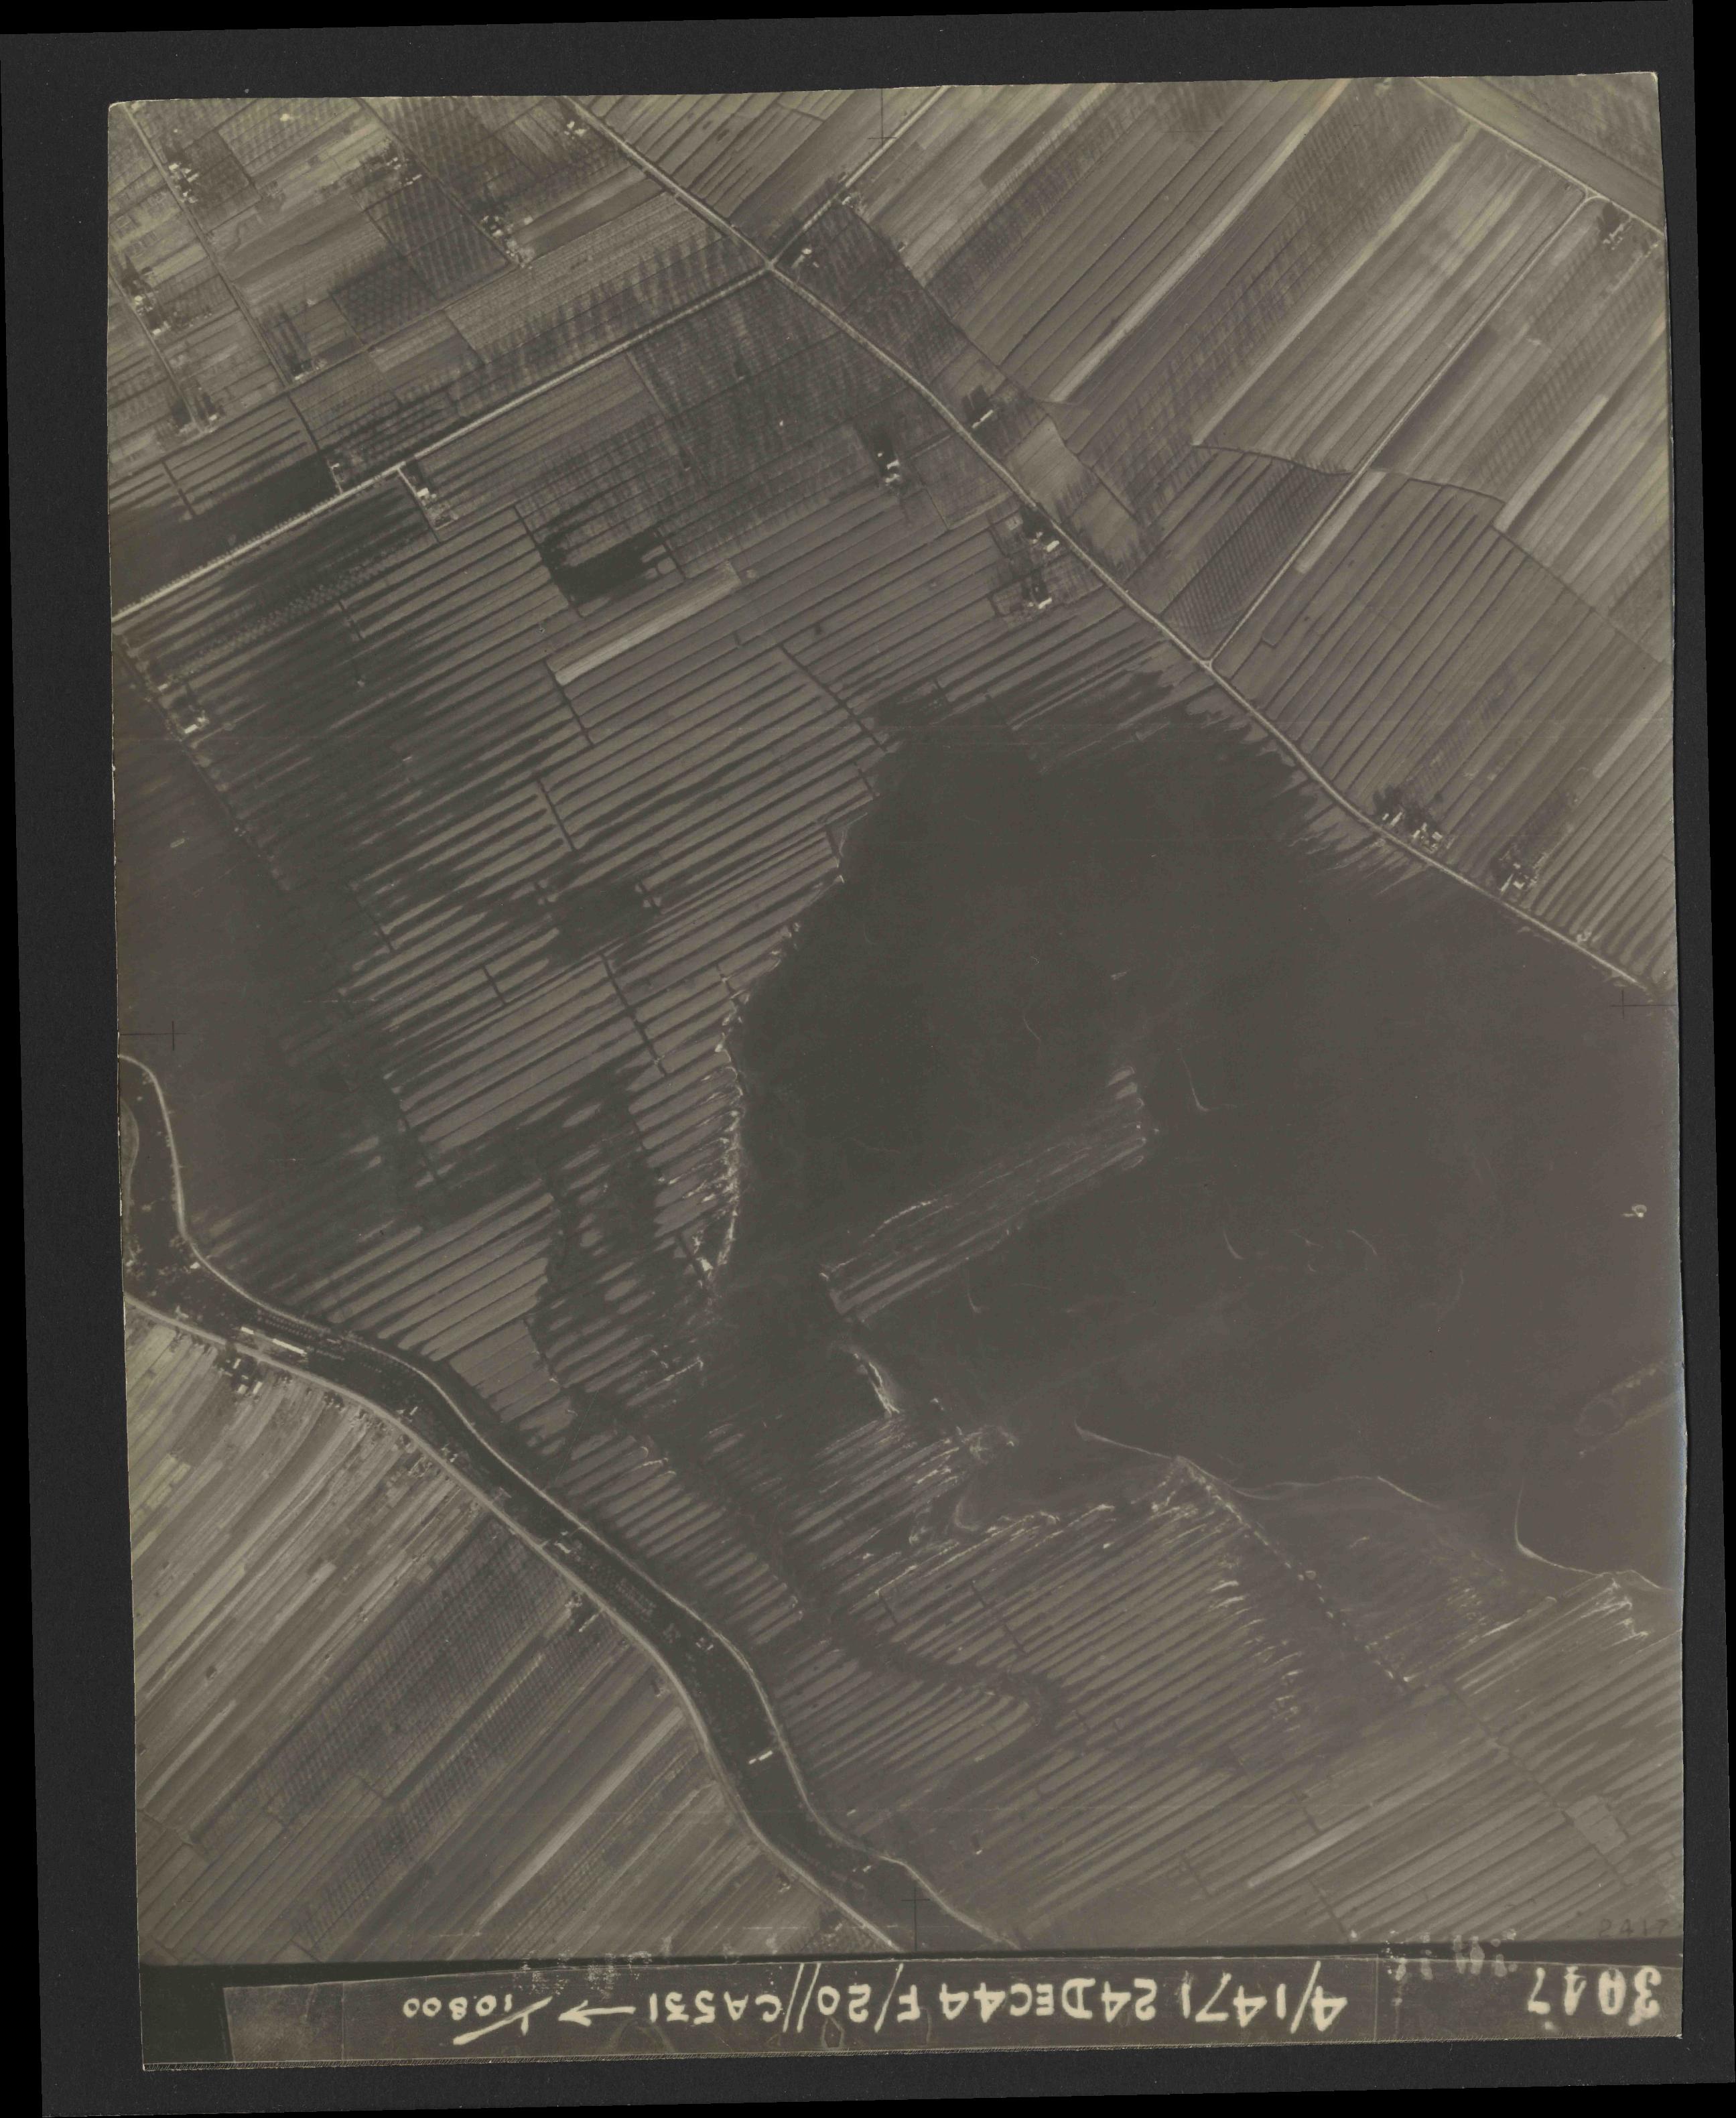 Collection RAF aerial photos 1940-1945 - flight 125, run 06, photo 3047